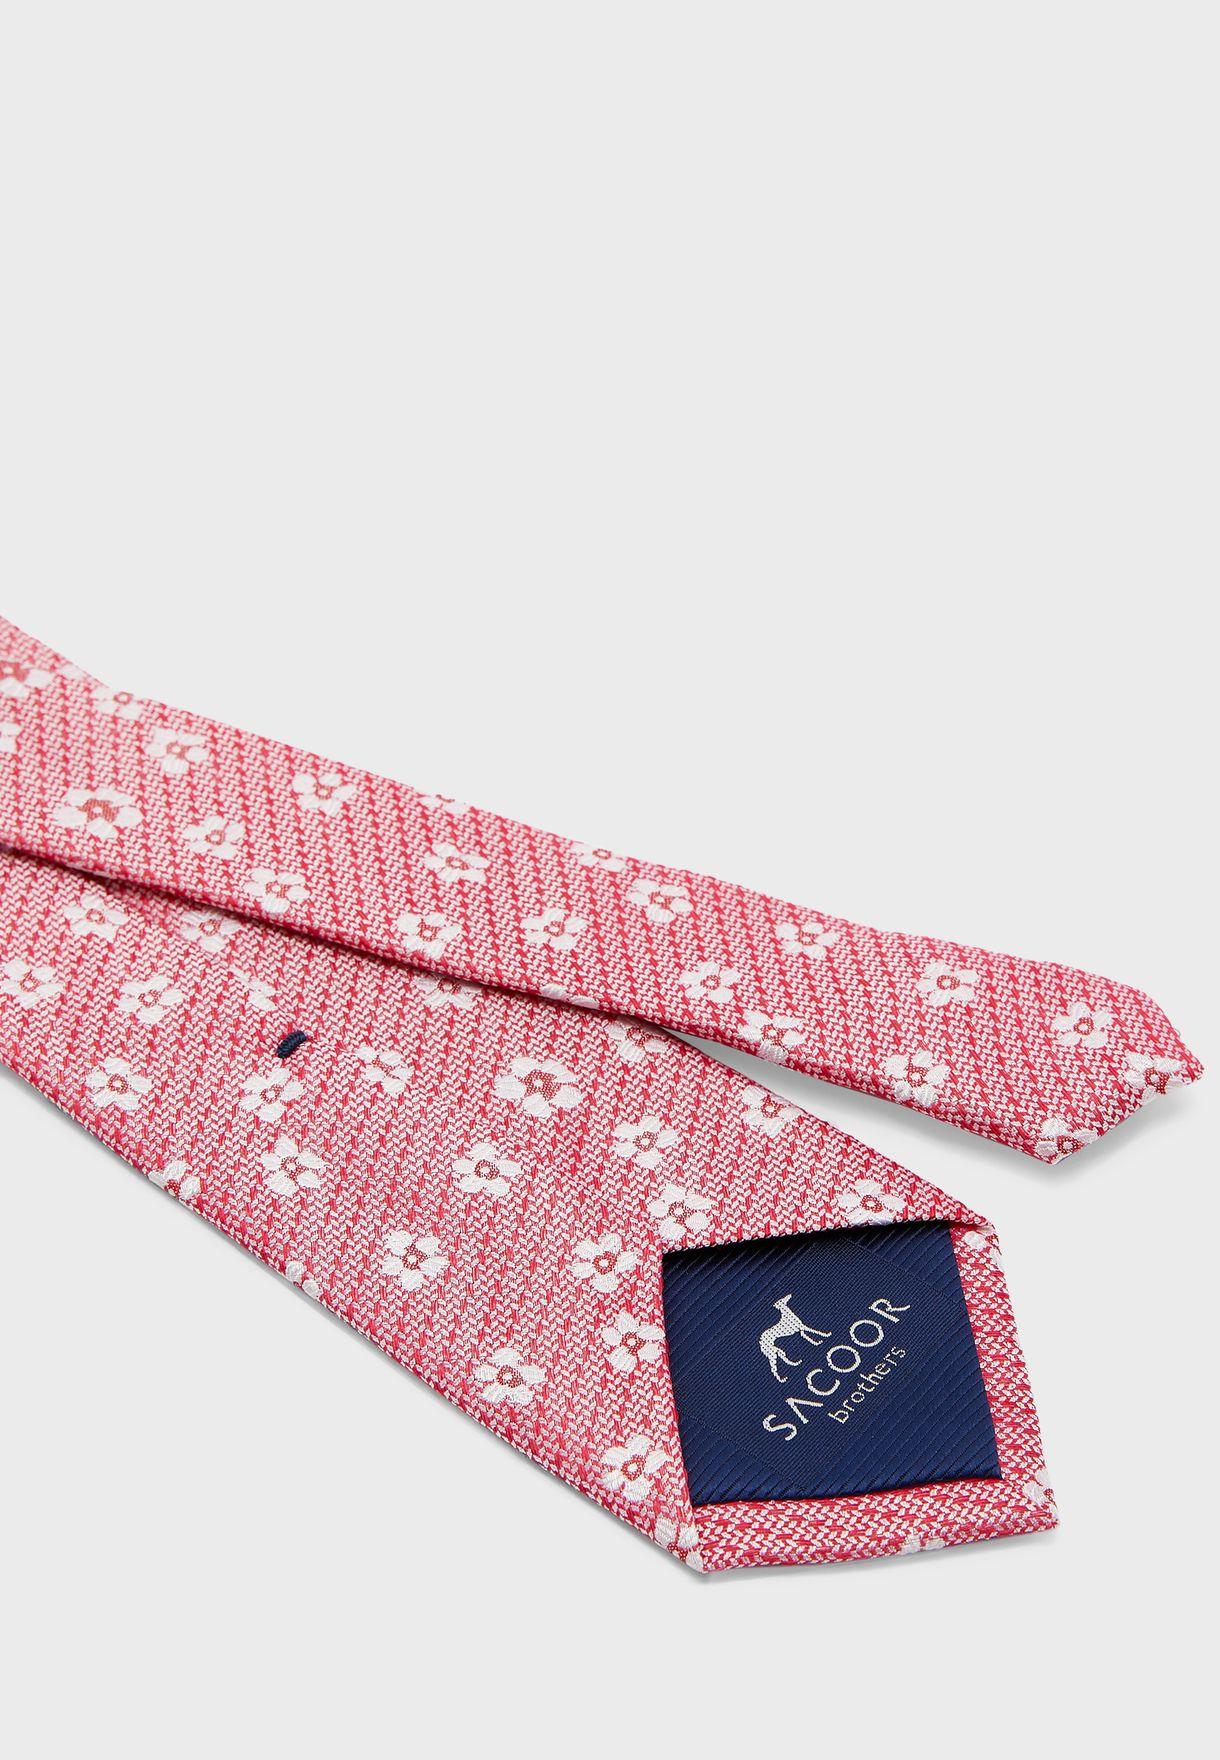 ربطة عنق بطباعة زهور